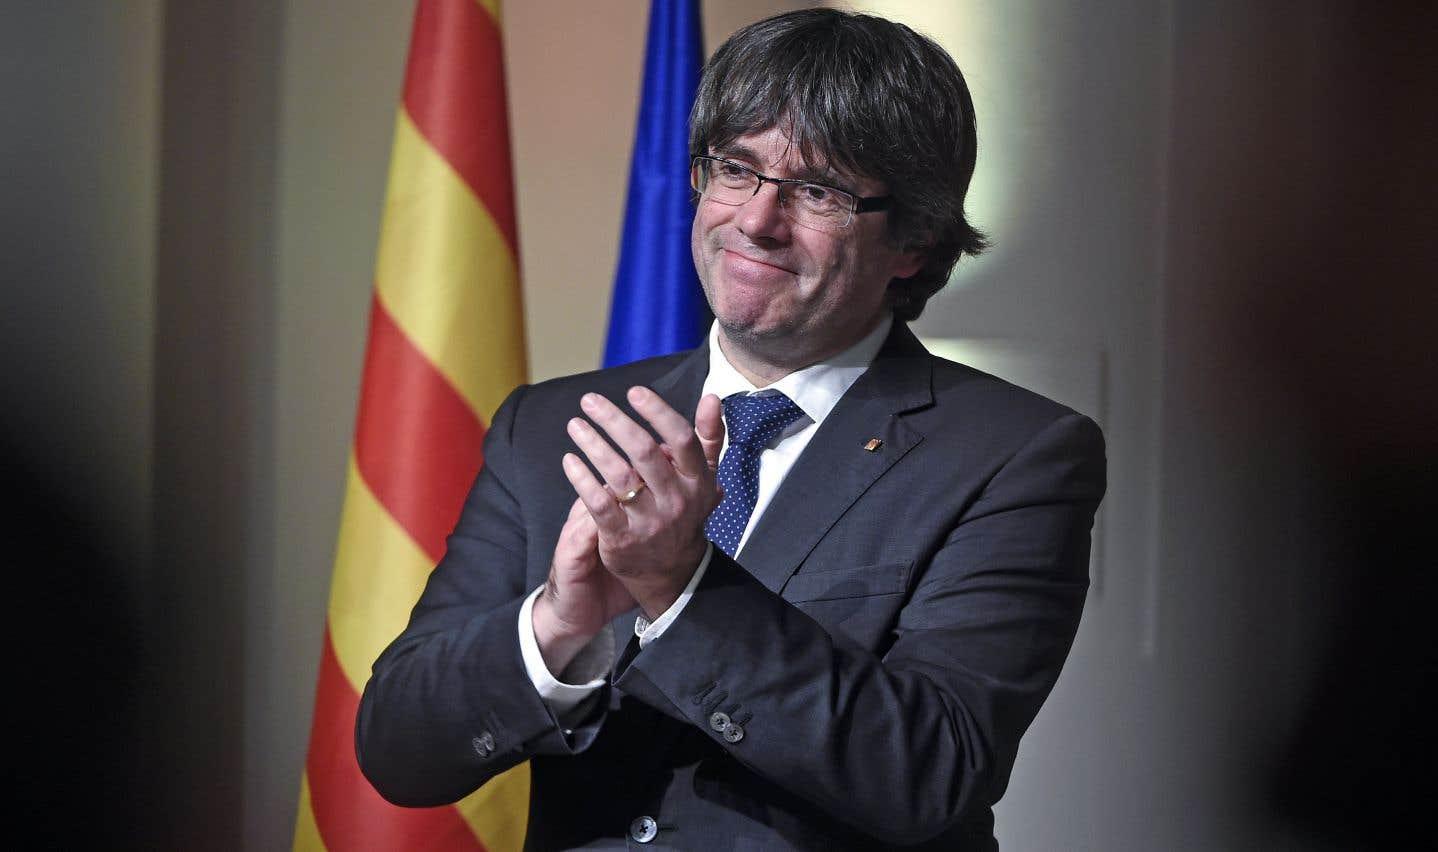 Puigdemont interpelle l'UE et dénonce un «coup d'État» contre la Catalogne